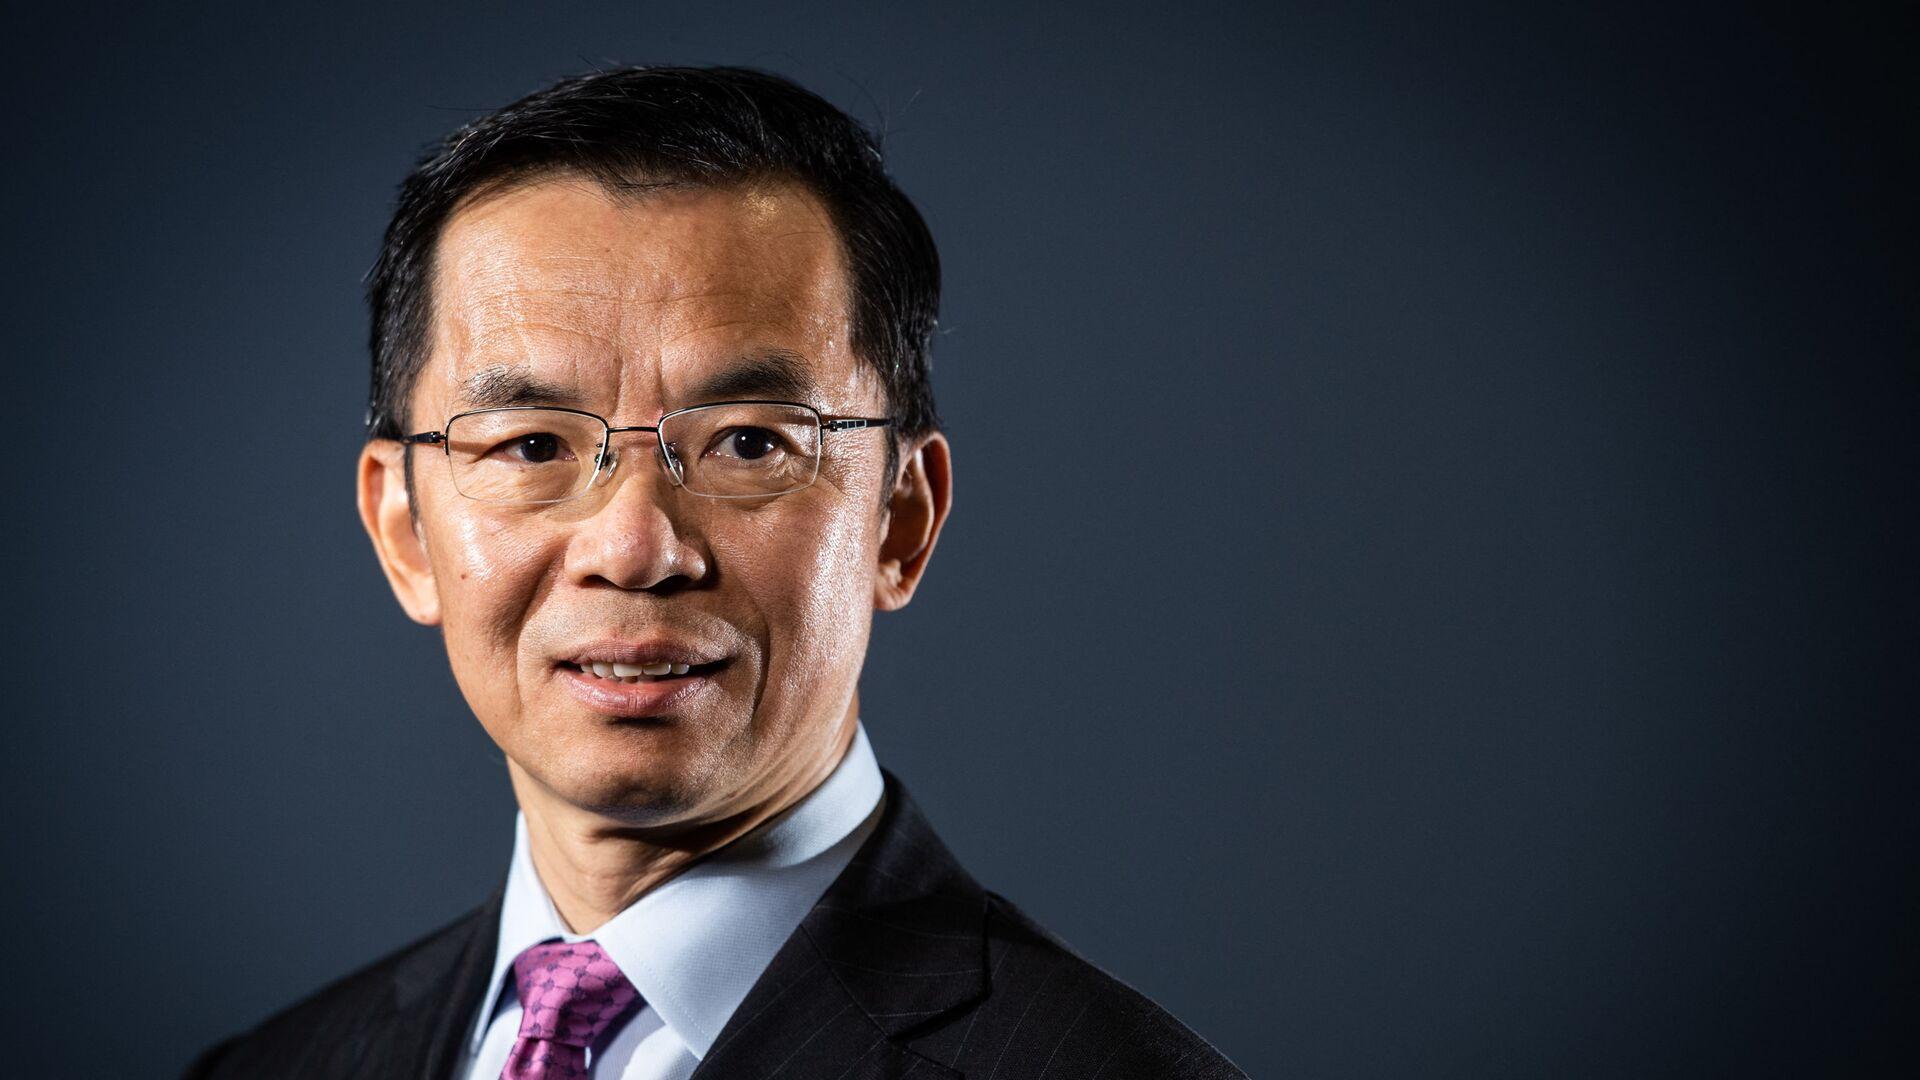 Lu Shaye, ambassadeur de Chine en France - Sputnik France, 1920, 22.09.2021